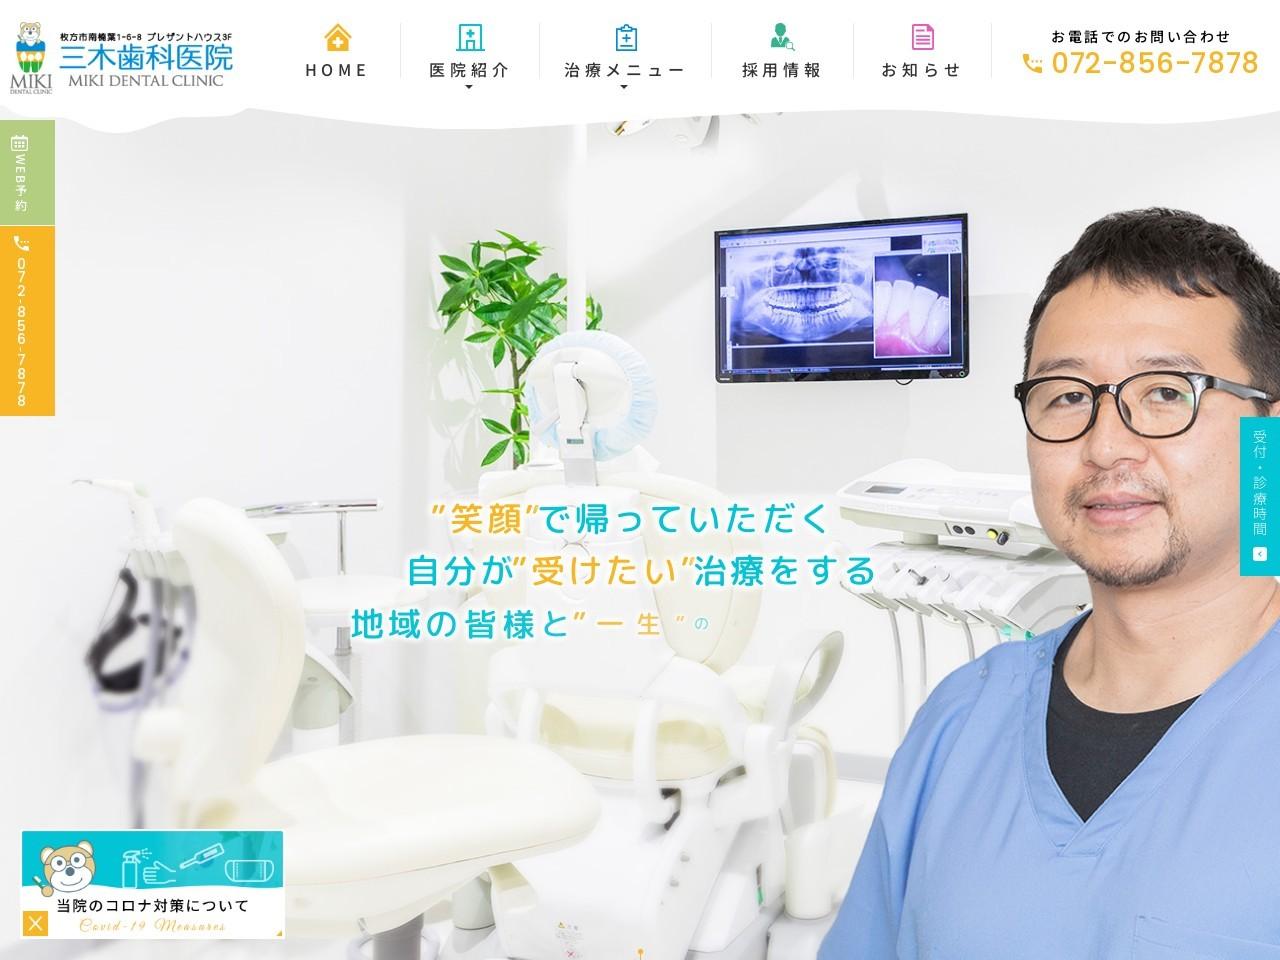 三木歯科医院 (大阪府枚方市)